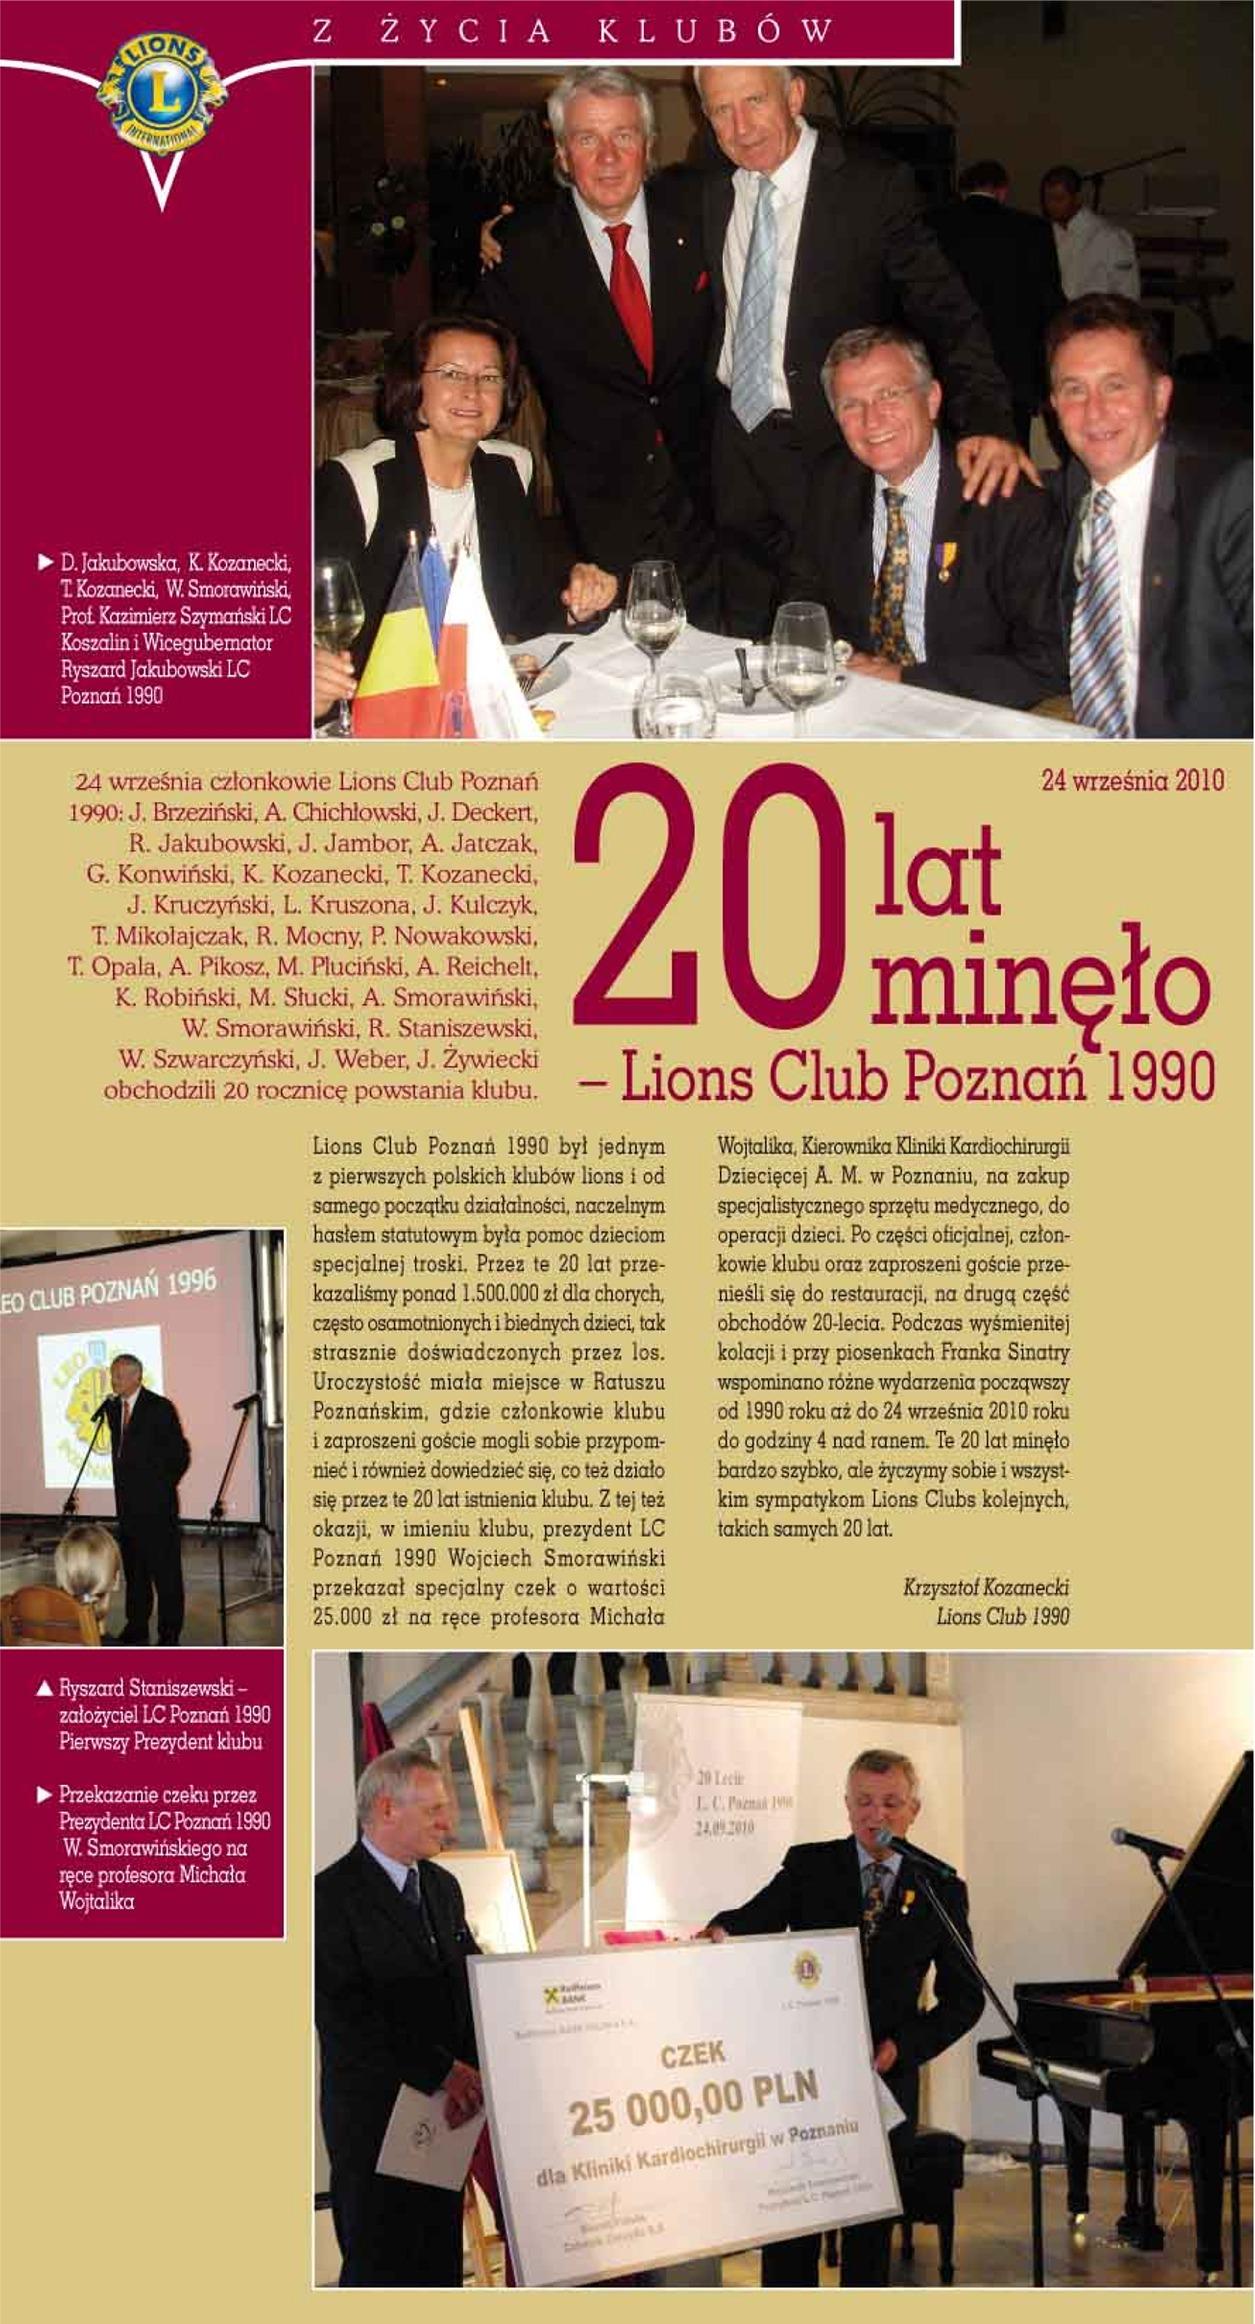 uroczystosc-20-lecia-klubu